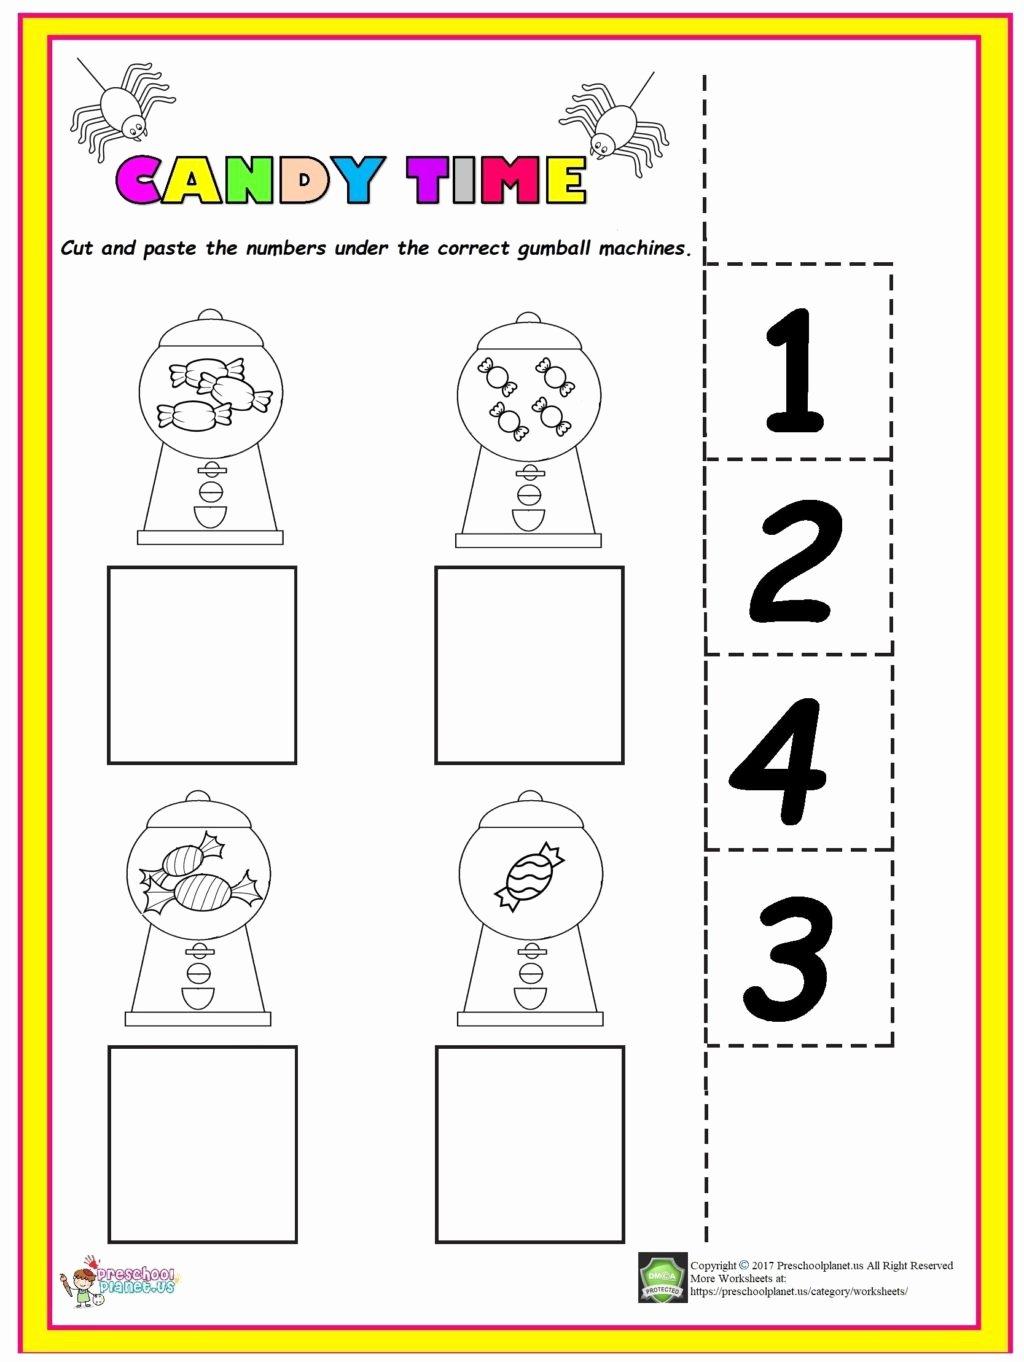 Easy Worksheets for Preschoolers Ideas Worksheet Easy Candy Counting Worksheet Preschool Homework